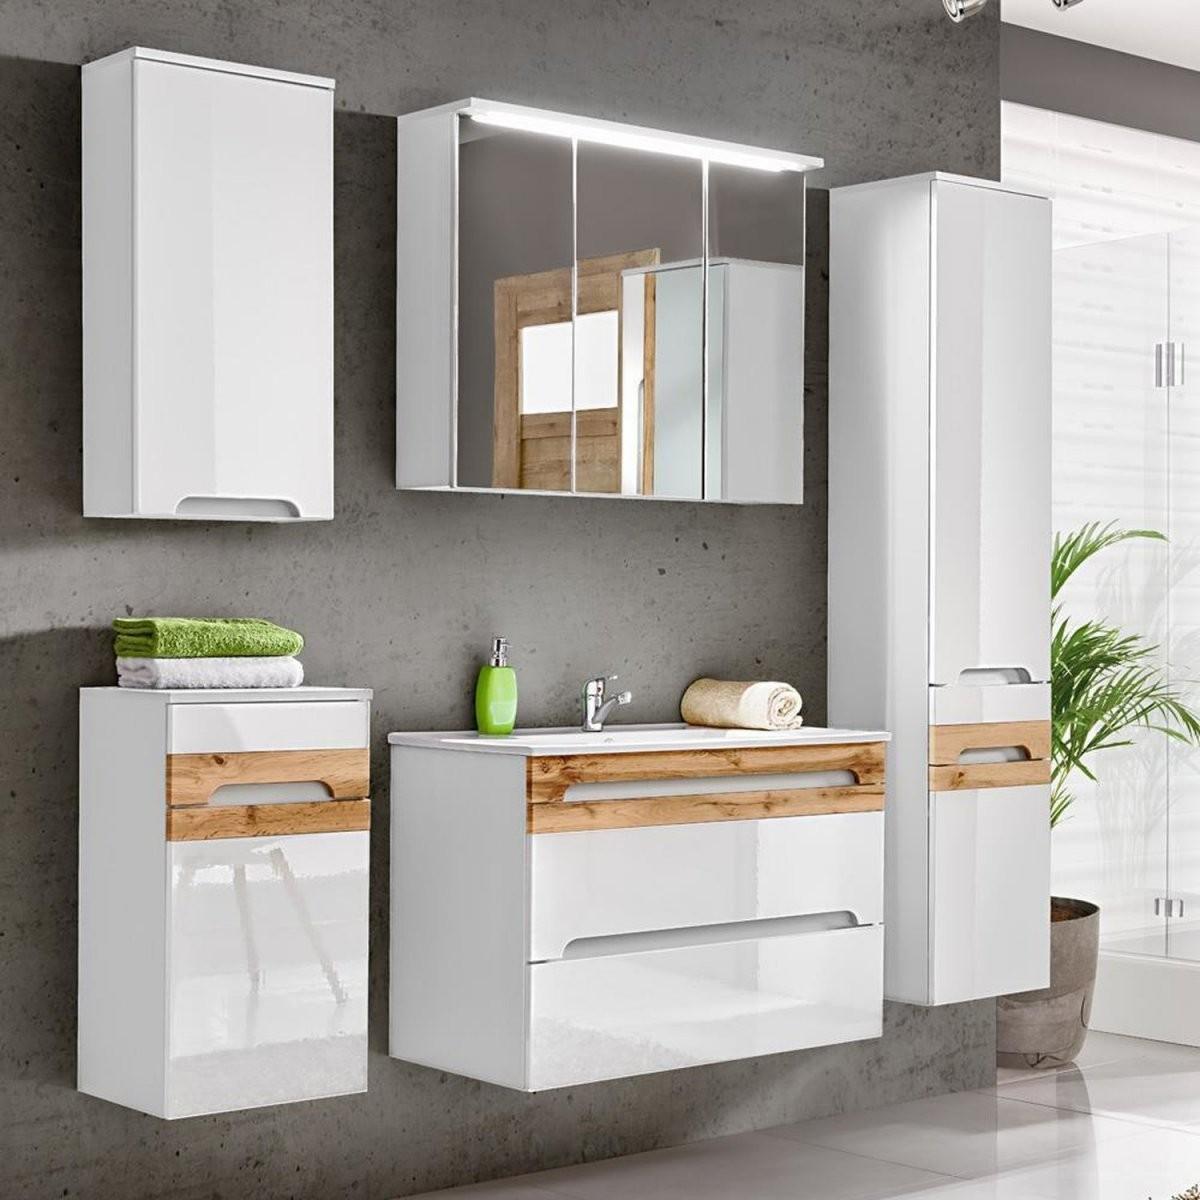 Badezimmer Komplett Set Lajas56 • Schöne Möbel Kaufen von Badezimmer Komplett Günstig Kaufen Photo